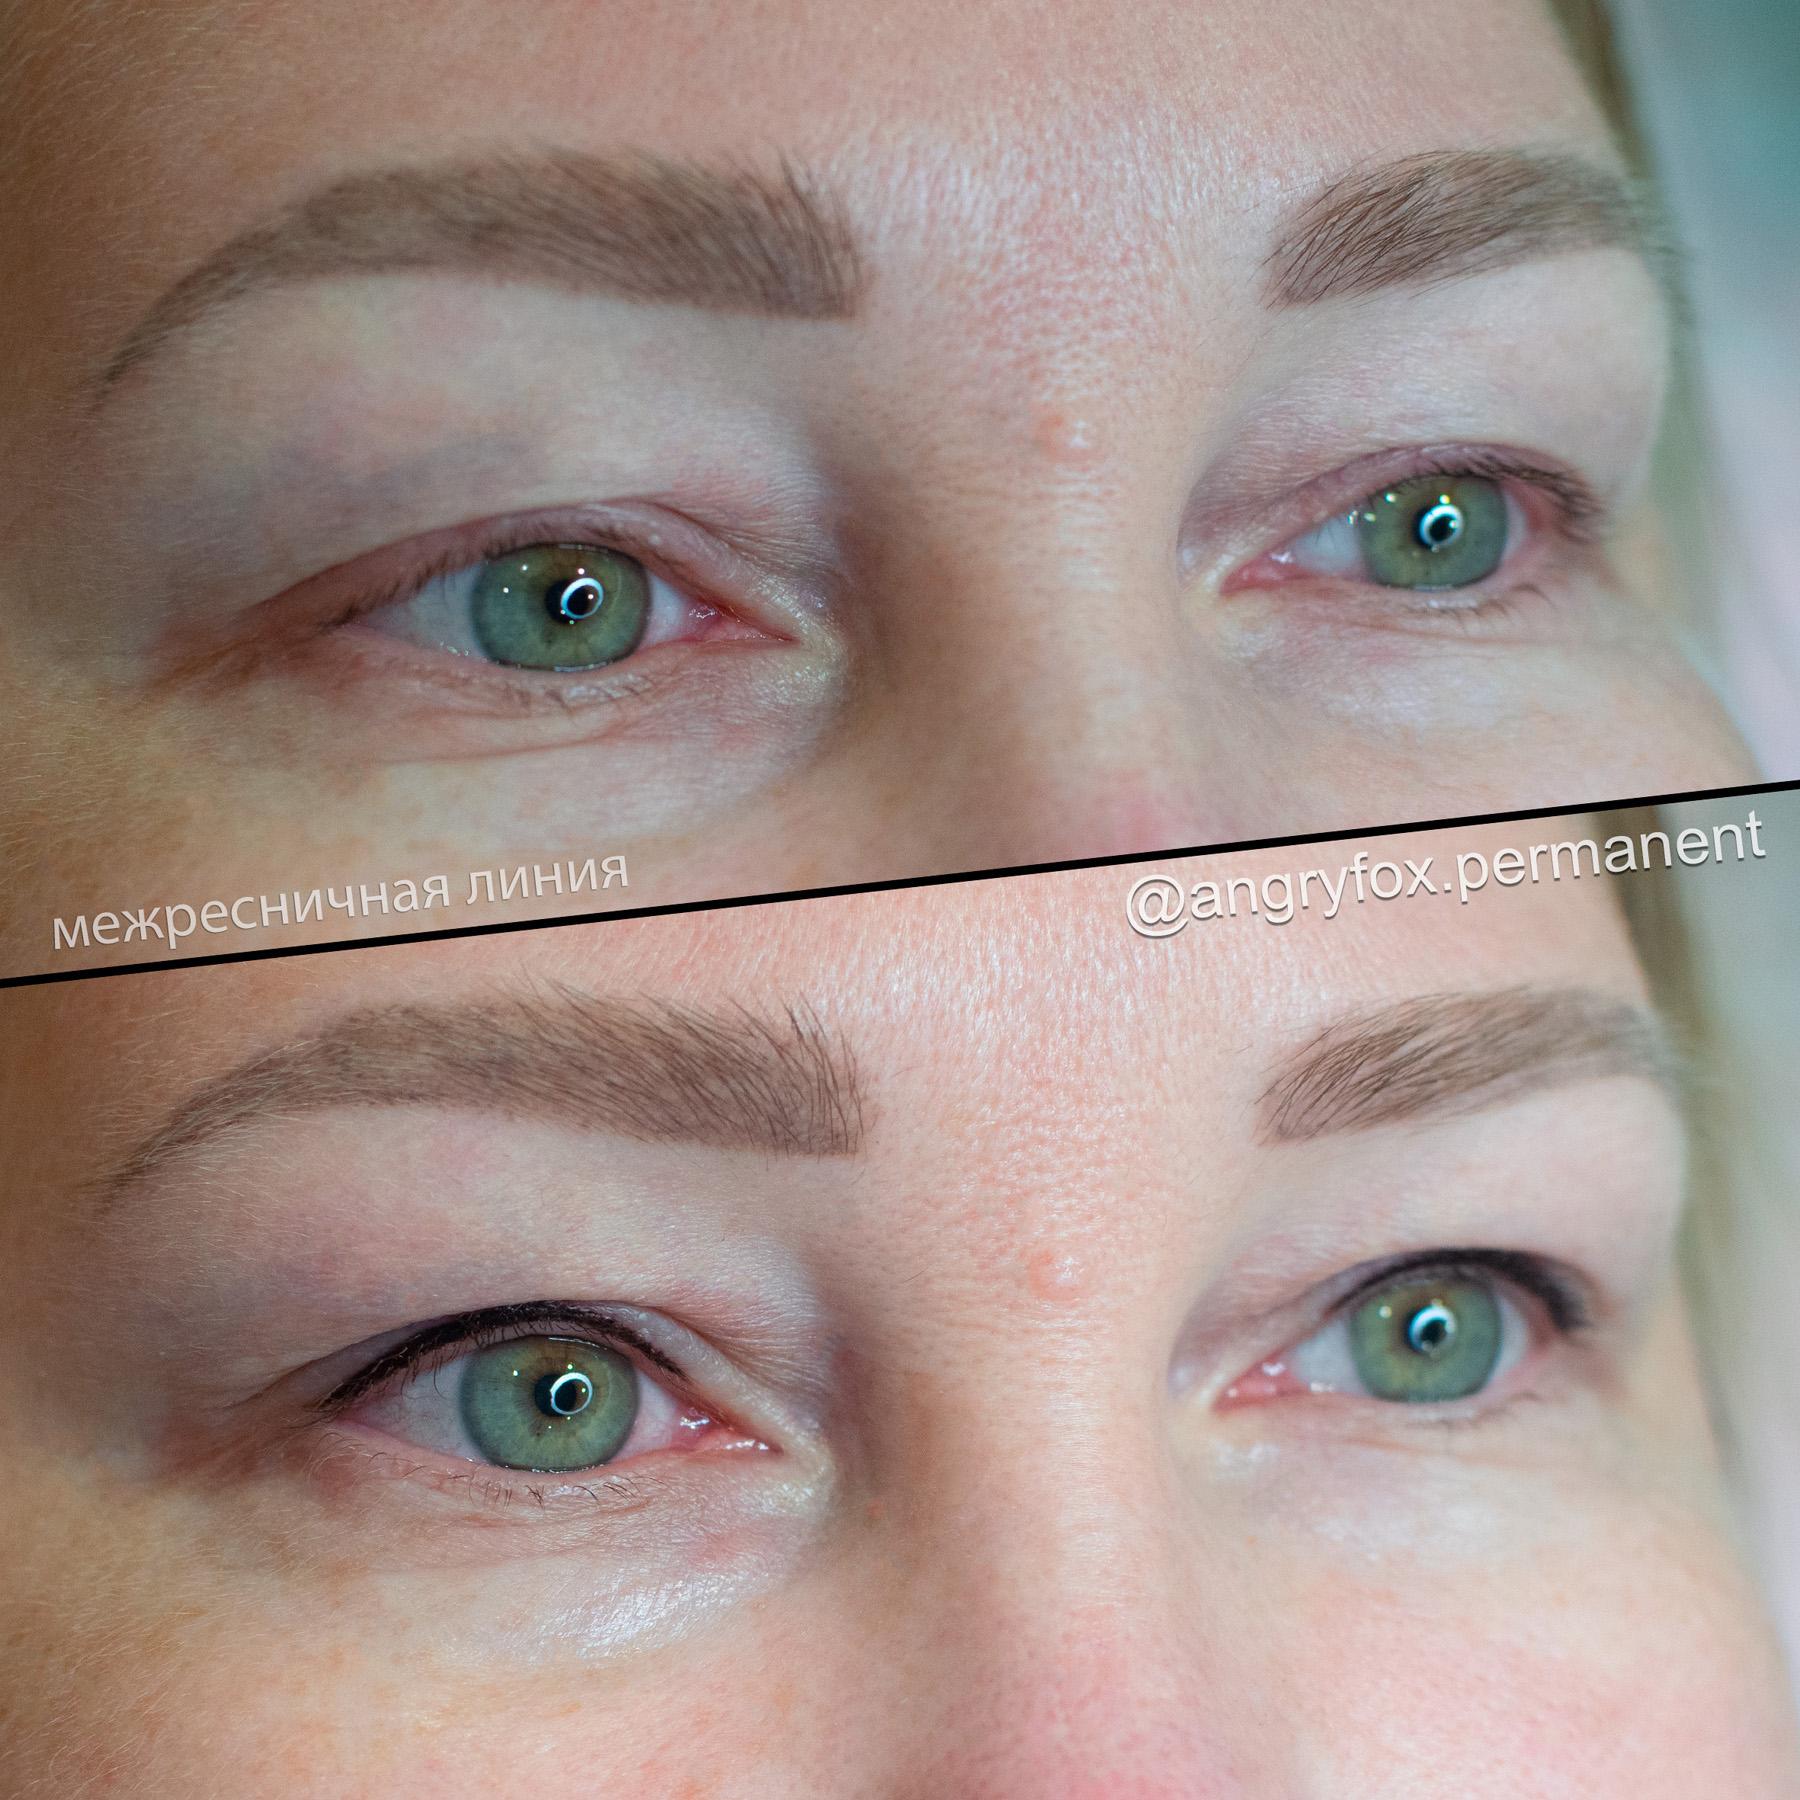 перманентный макияж, перманент, перманент глаз, татуаж глаз, веко, межресничная линия